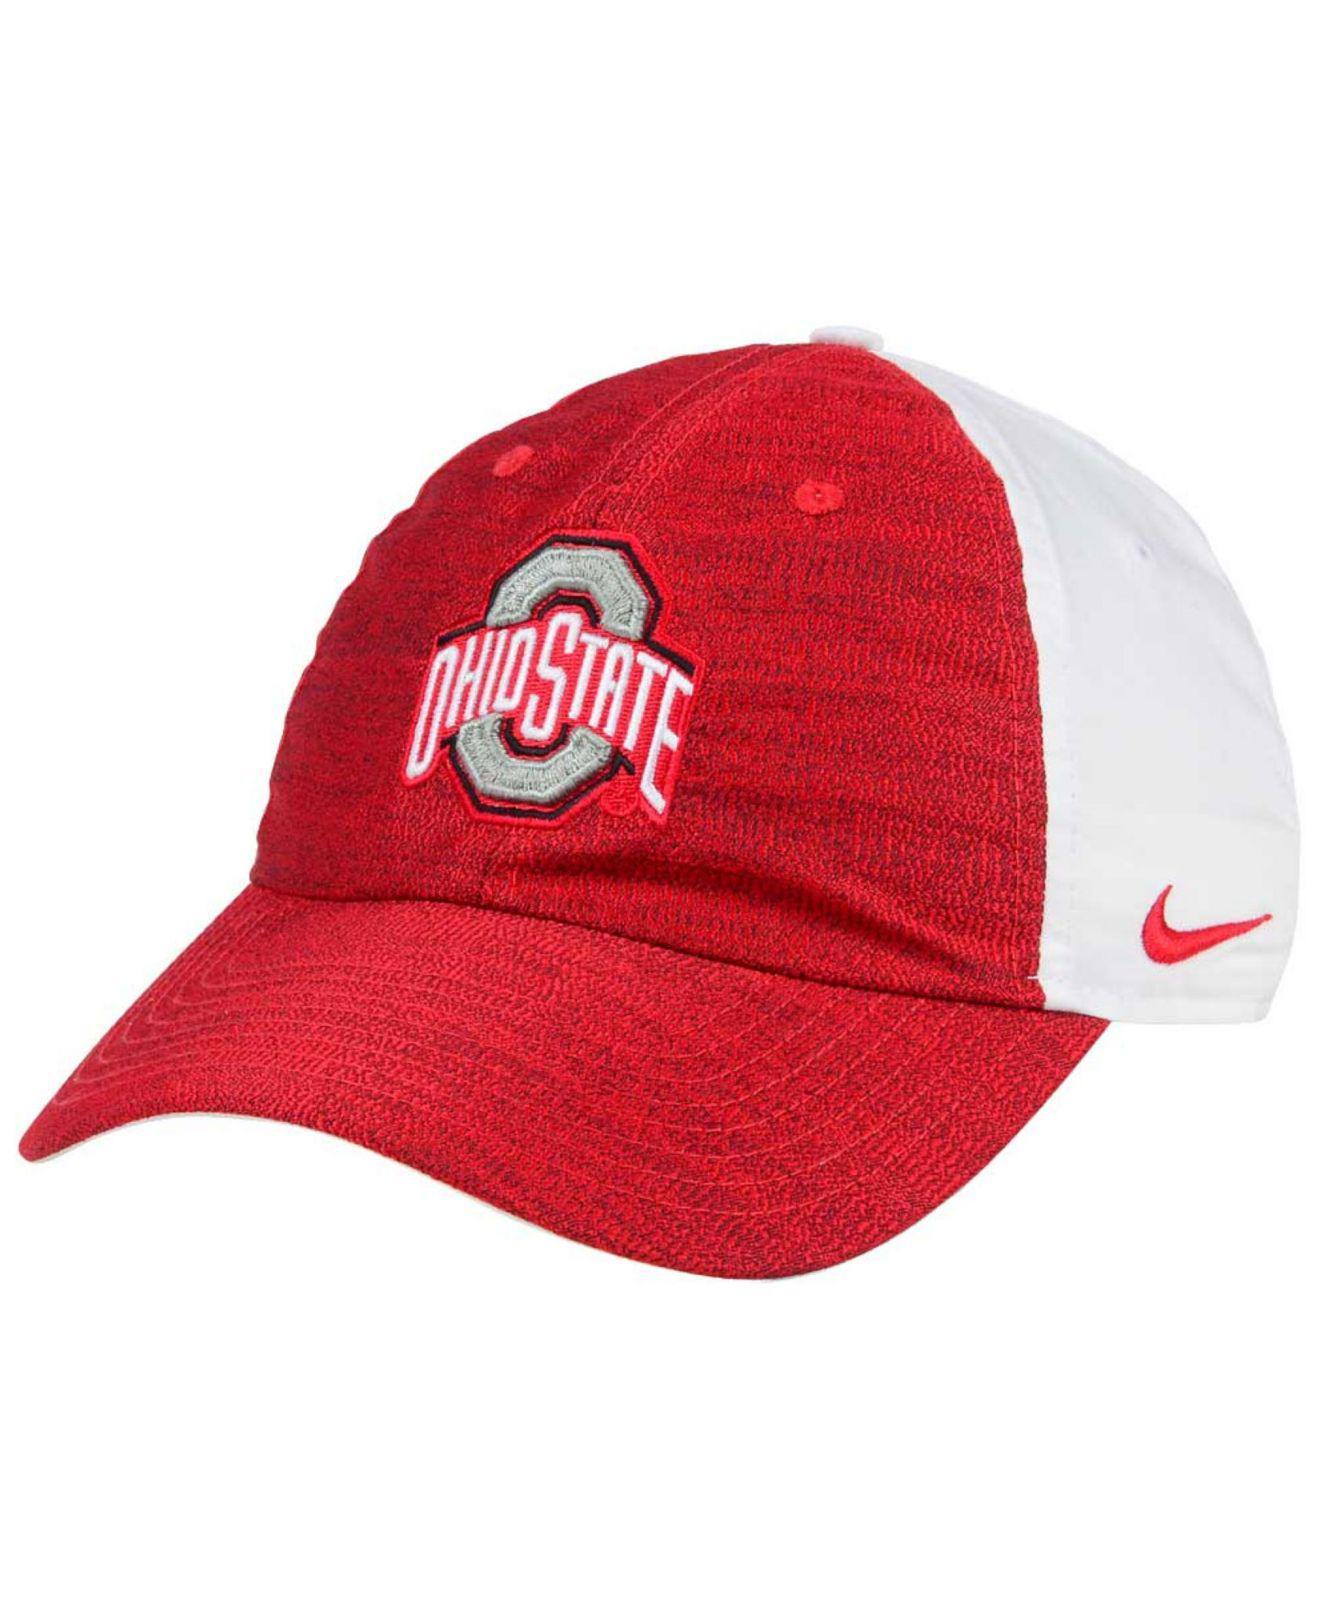 39025b4a3a1f8 ... new product c09d7 407de Lyst - Nike Women s Seasonal H86 Cap in Red